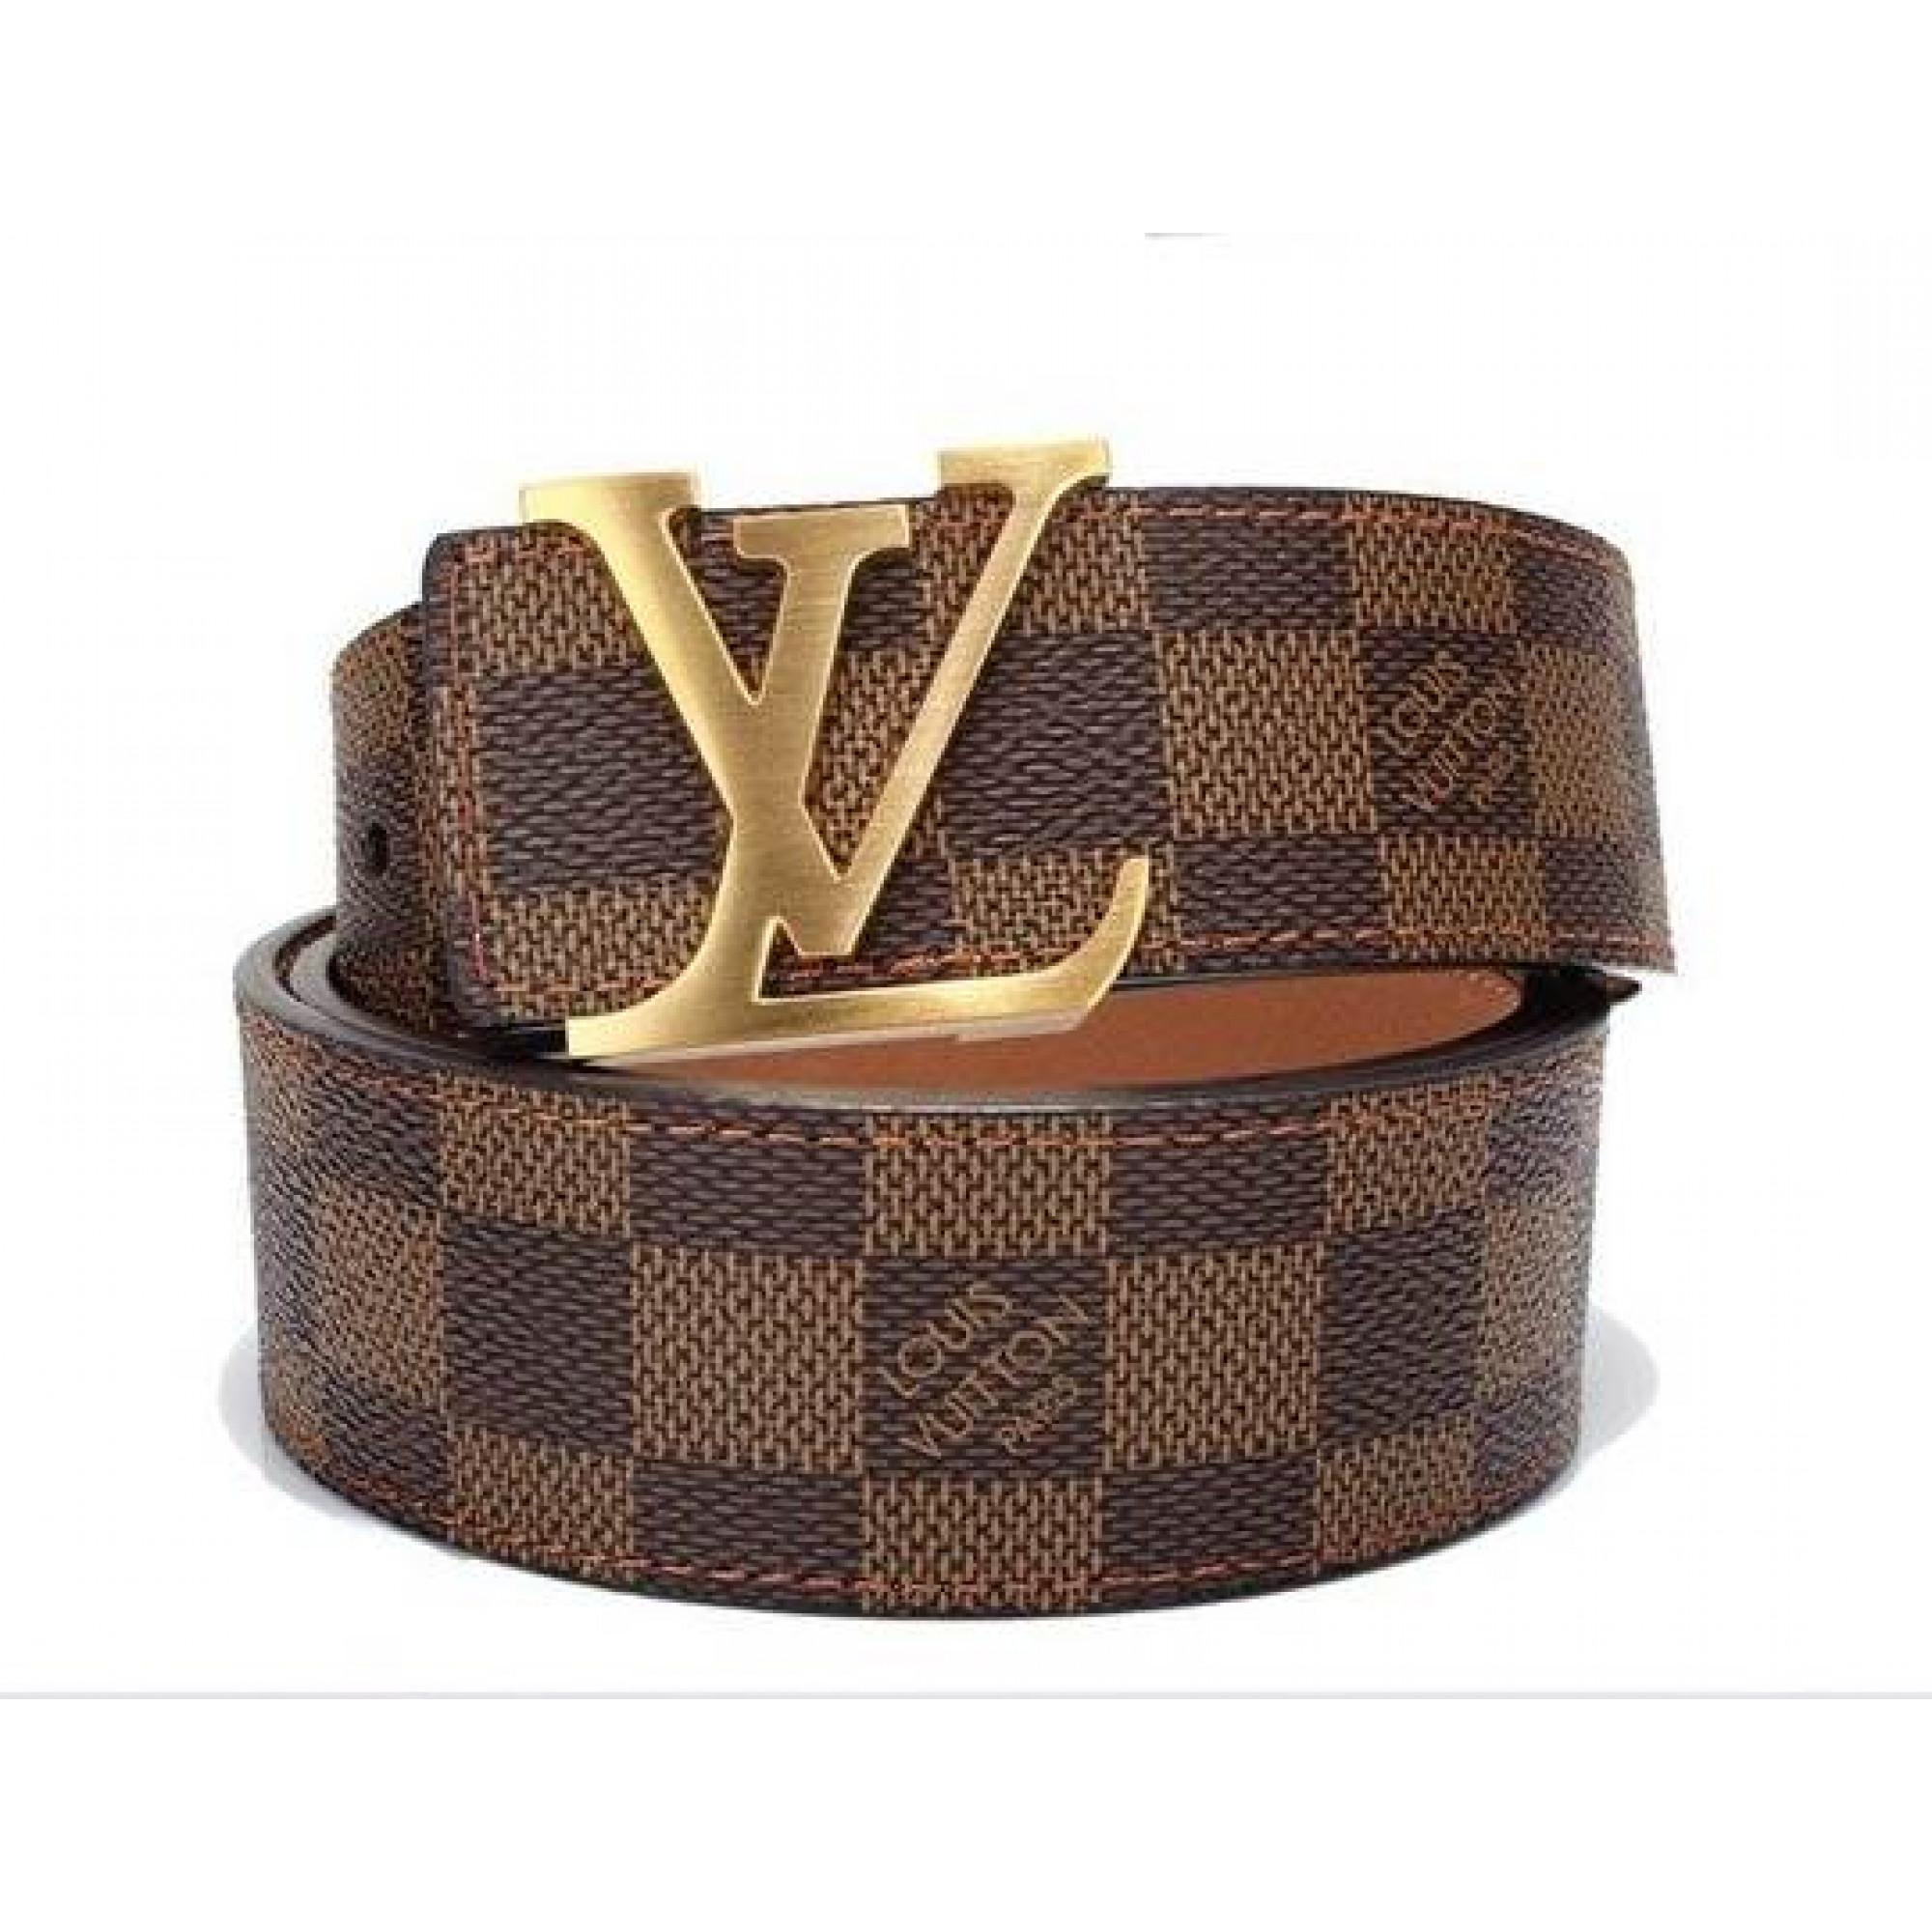 7b2a7e9fa455 Купить ремень Louis Vuitton — в Киеве, код товара 9943